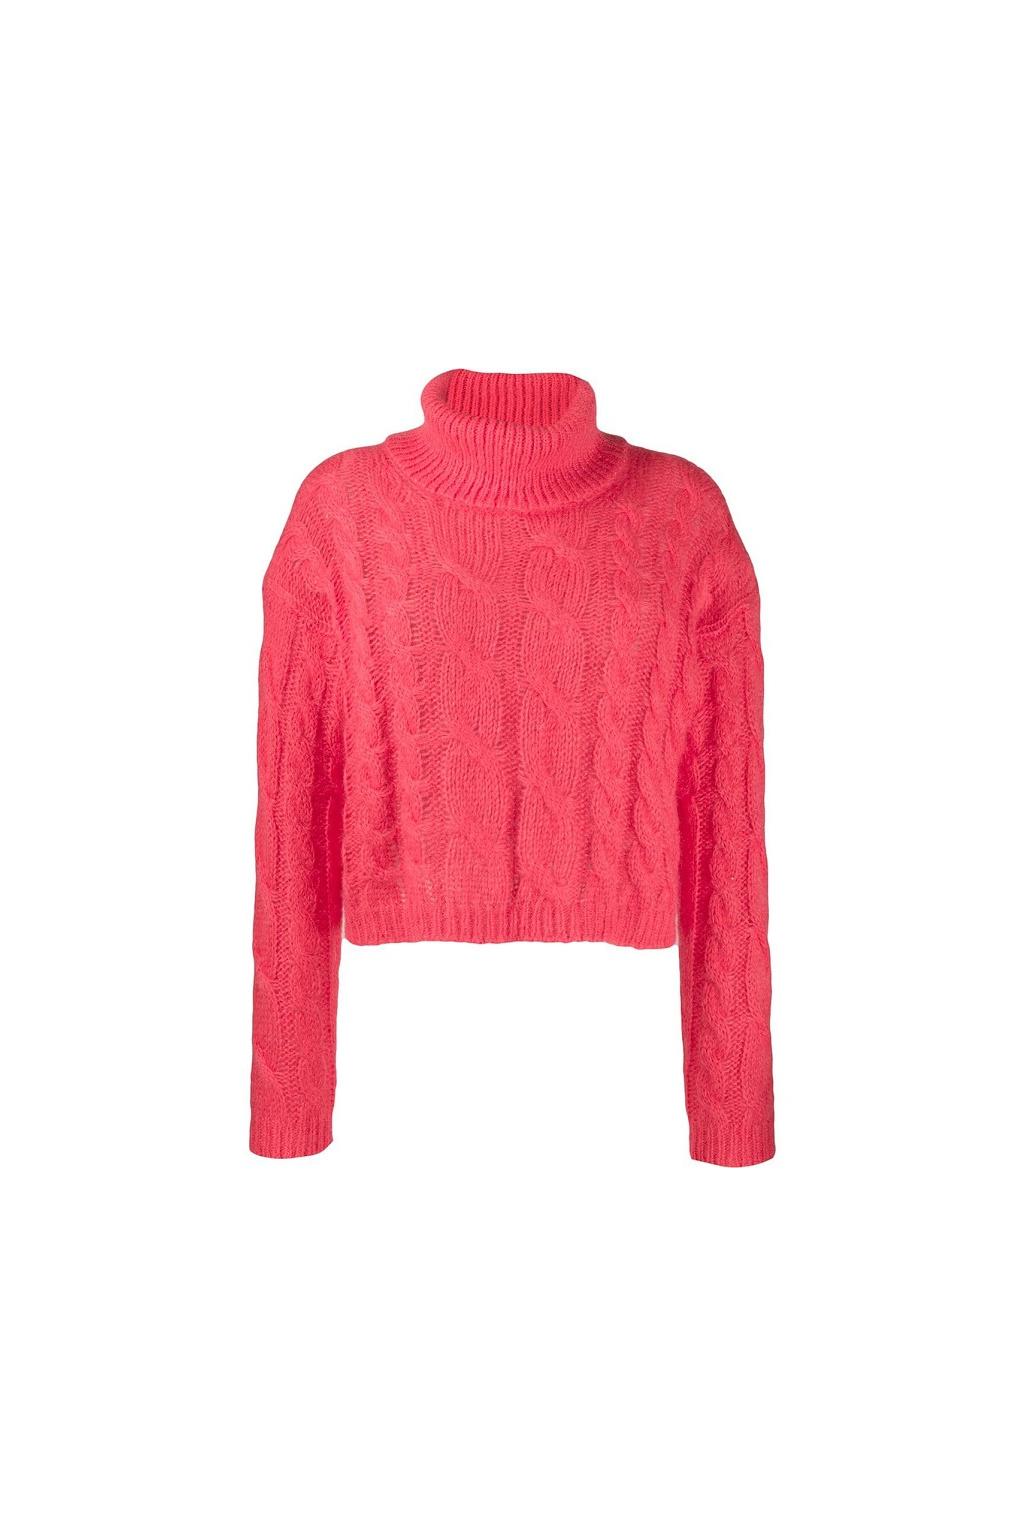 192TT3271 Dámský pletený svetr Twinset korálový